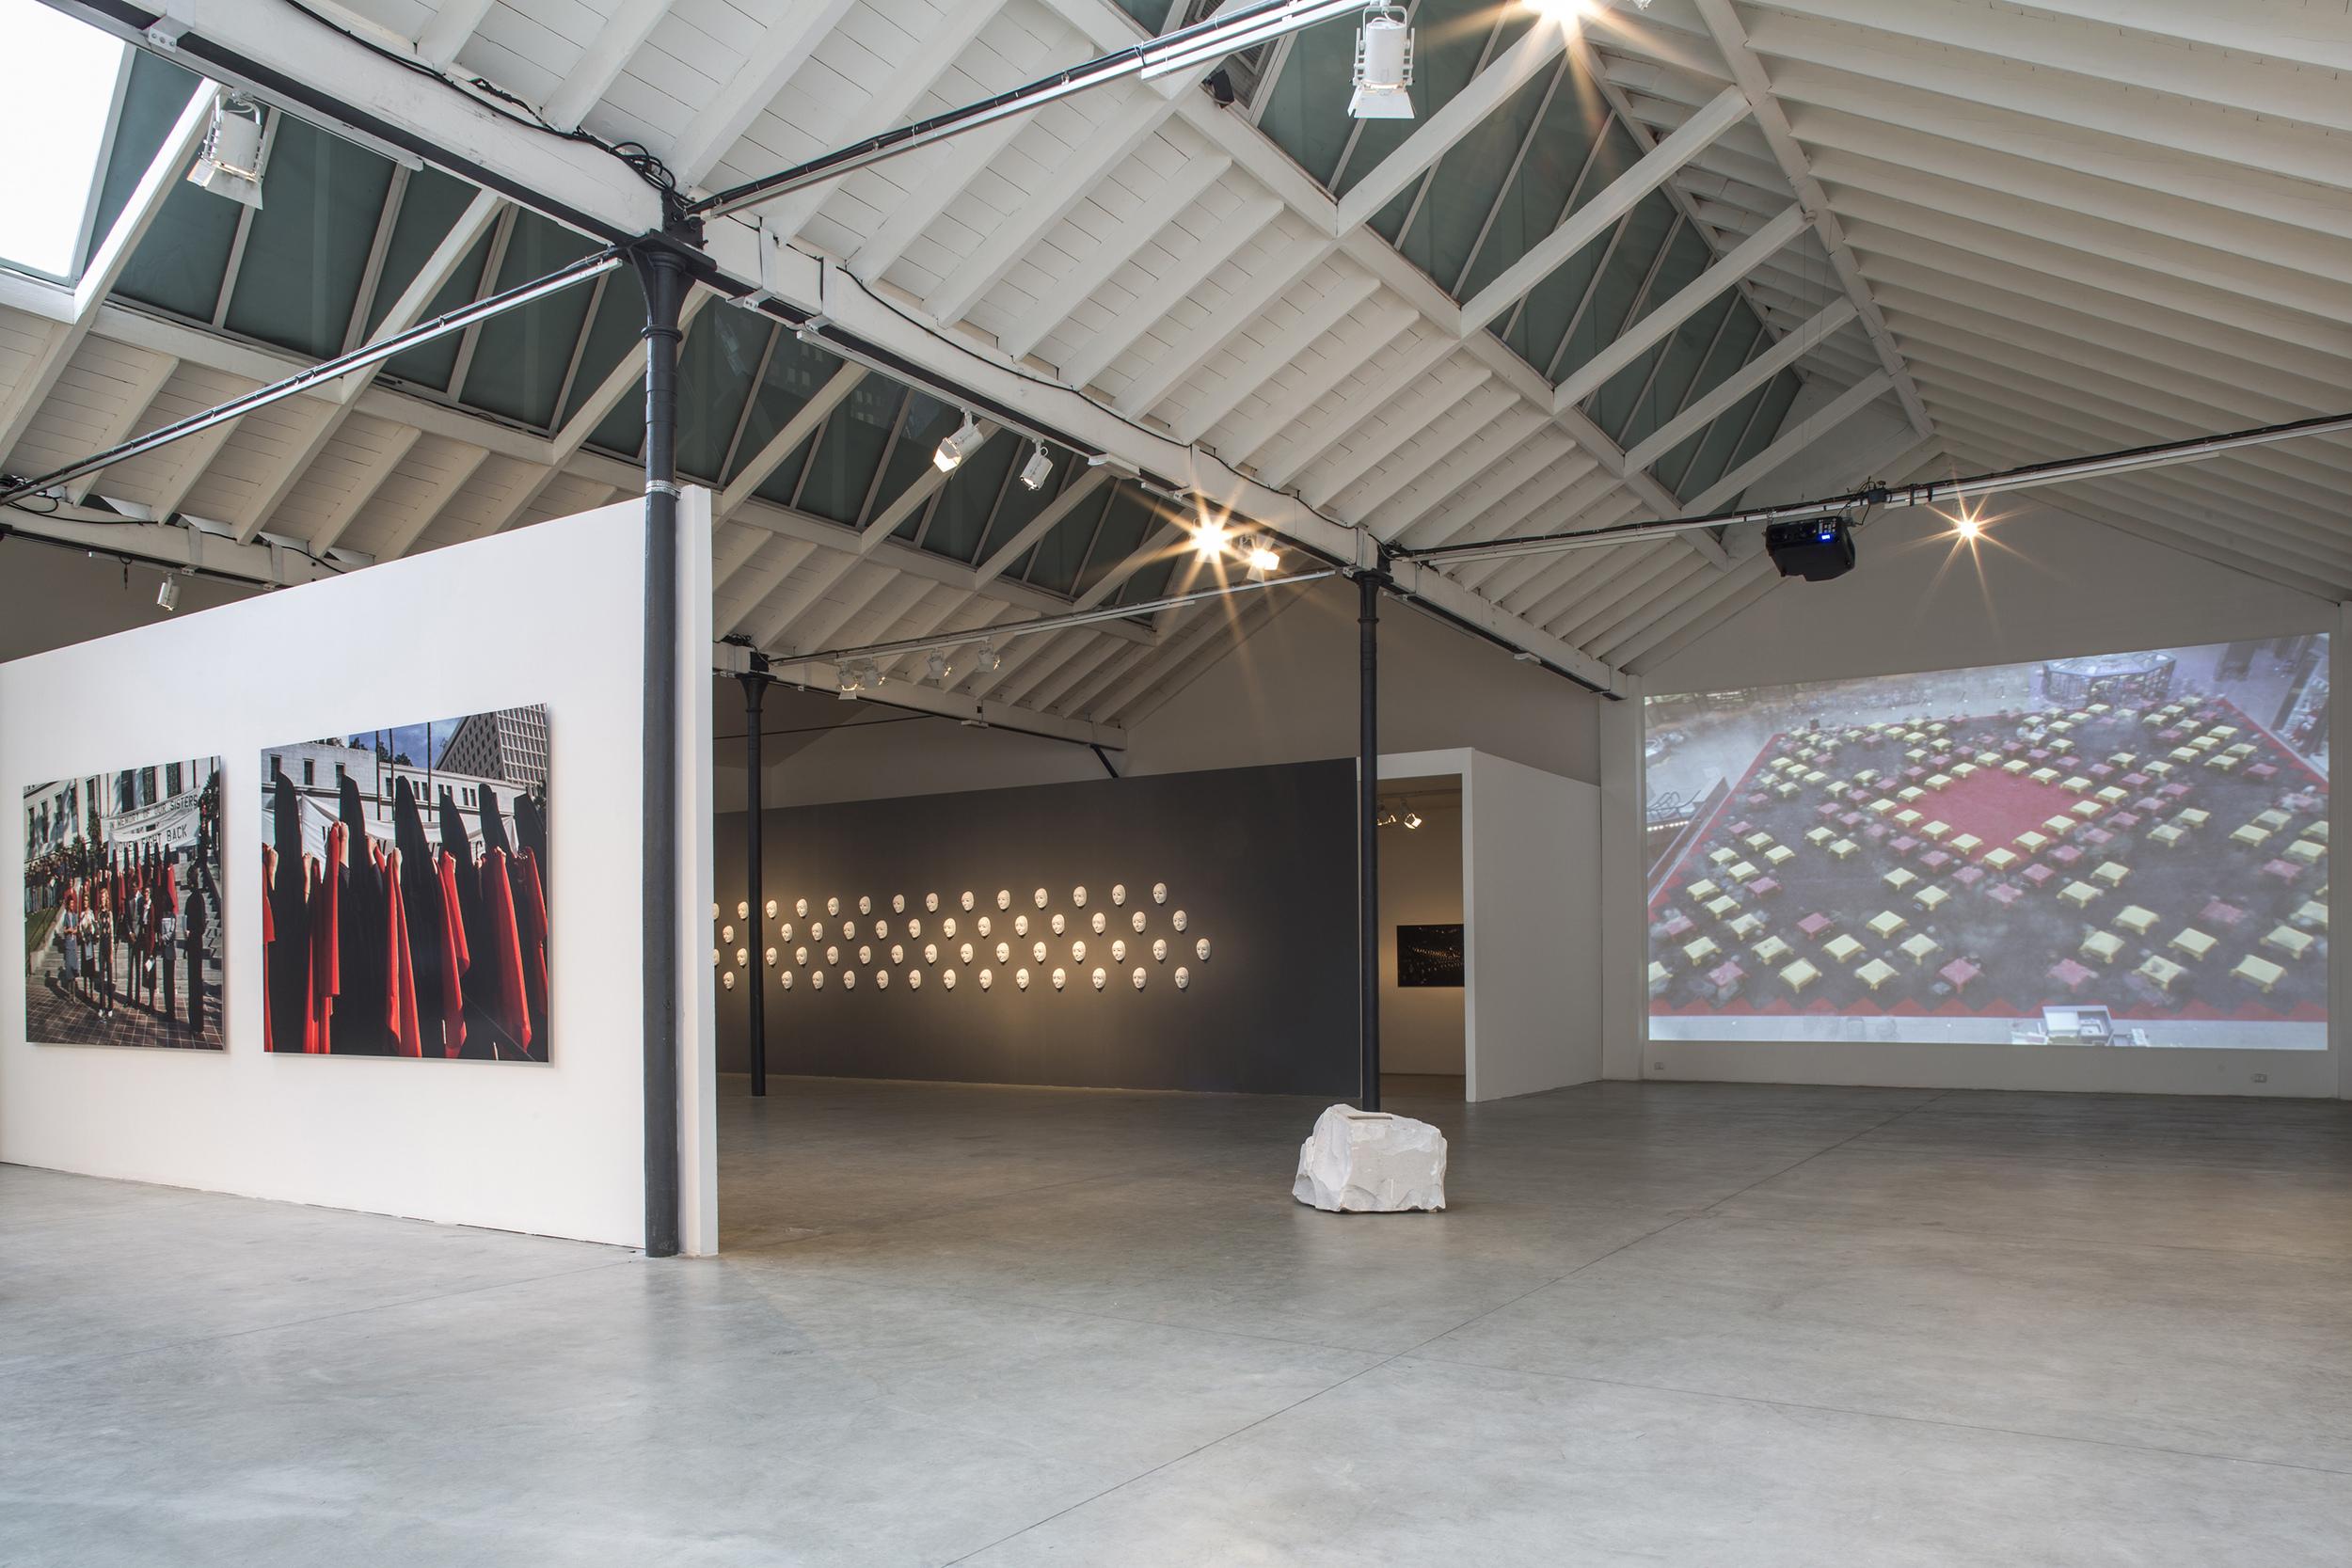 1-Suzanne Lacy, Museo Pecci Milano, 2014, photo Zeno Zotti..jpg